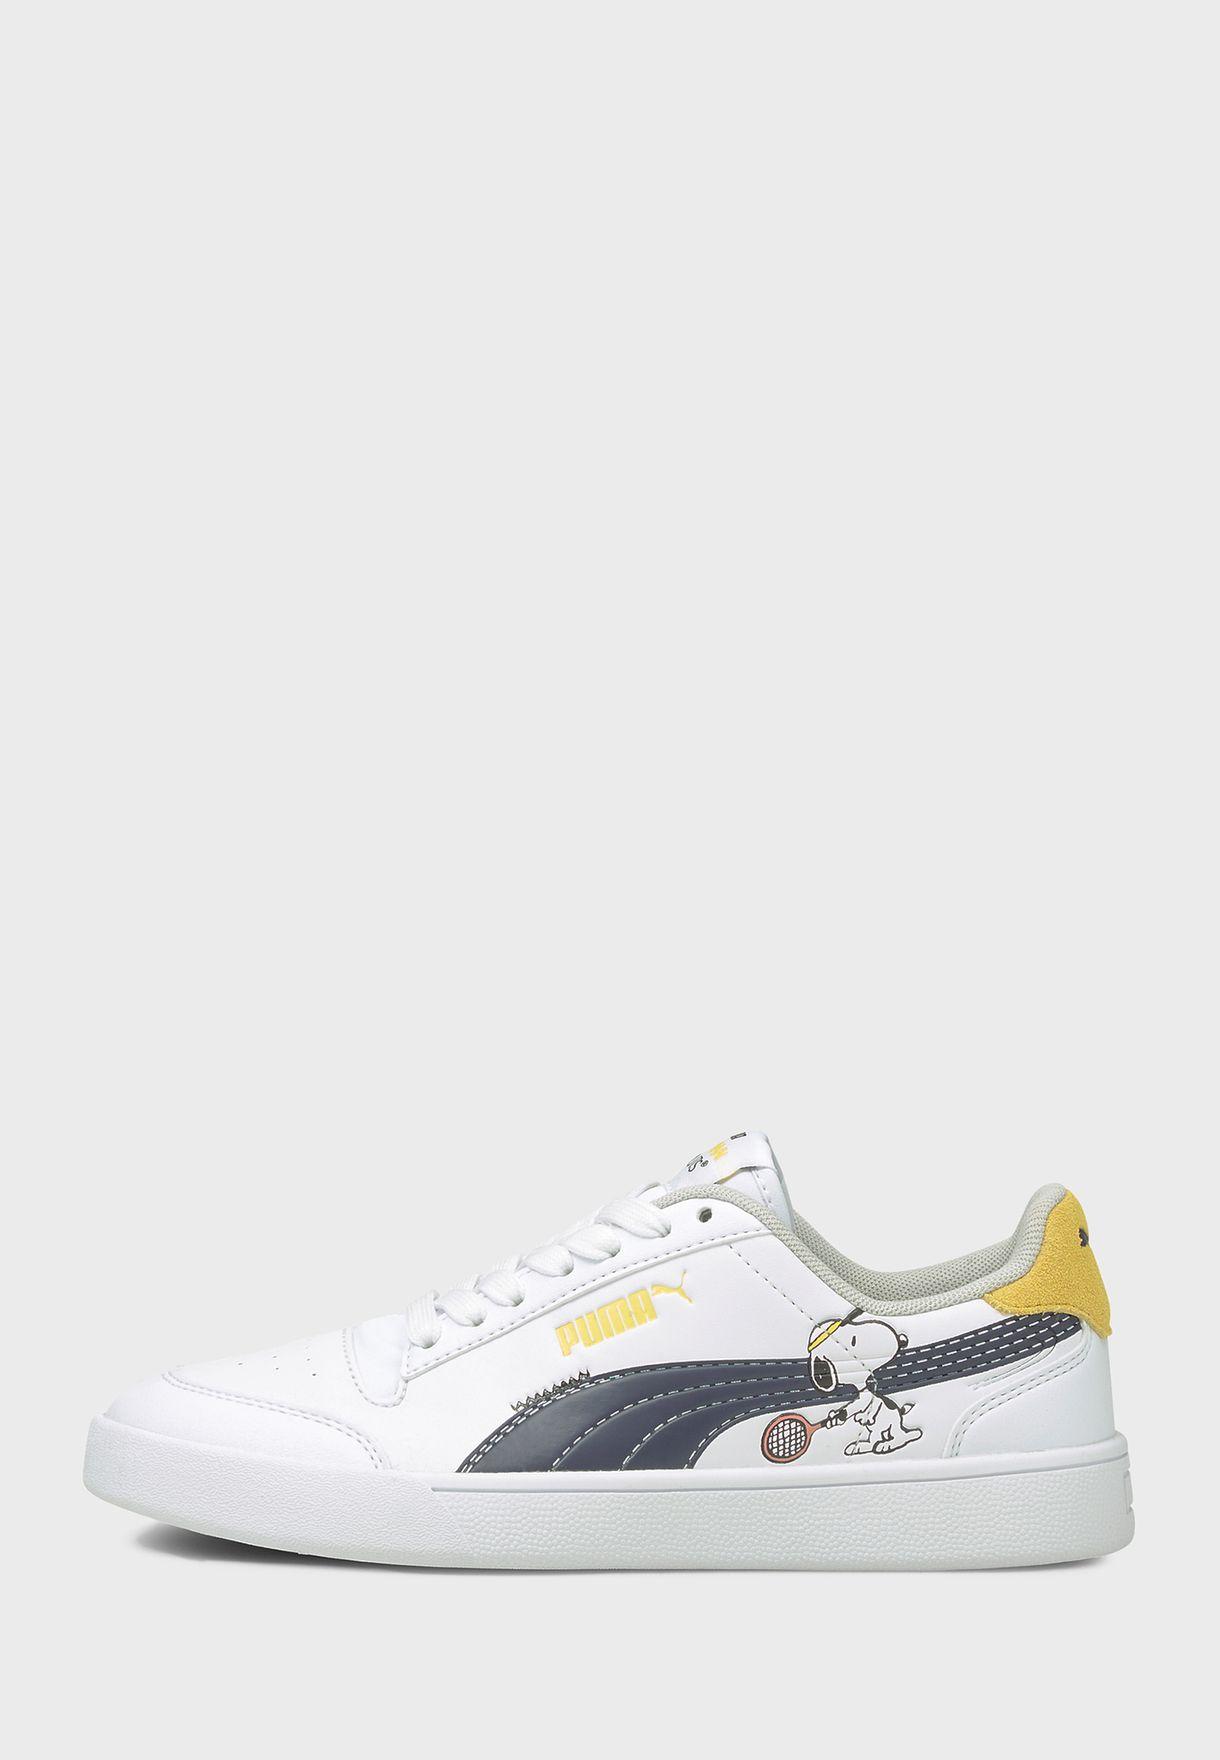 PUMA x PEANUTS kids shoes